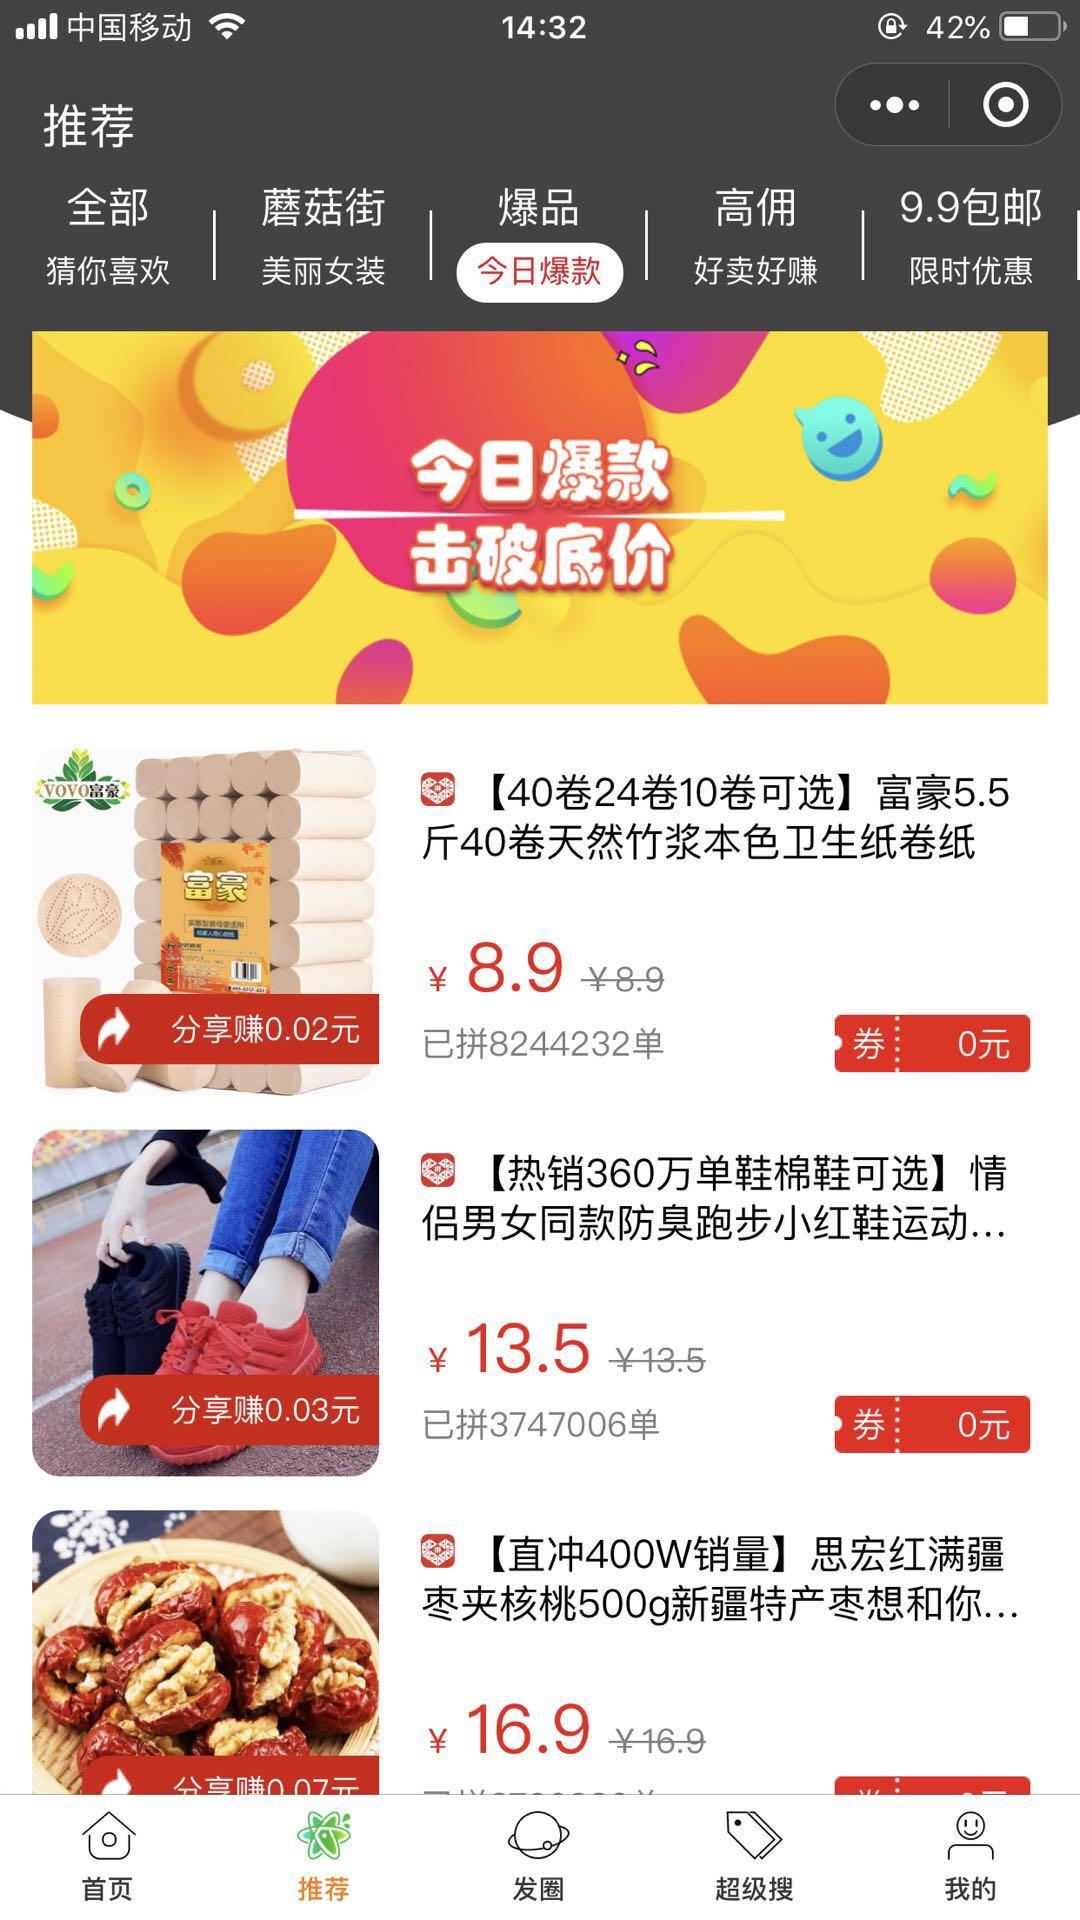 拼多多客京东客蘑菇街 8.4.0版本模块